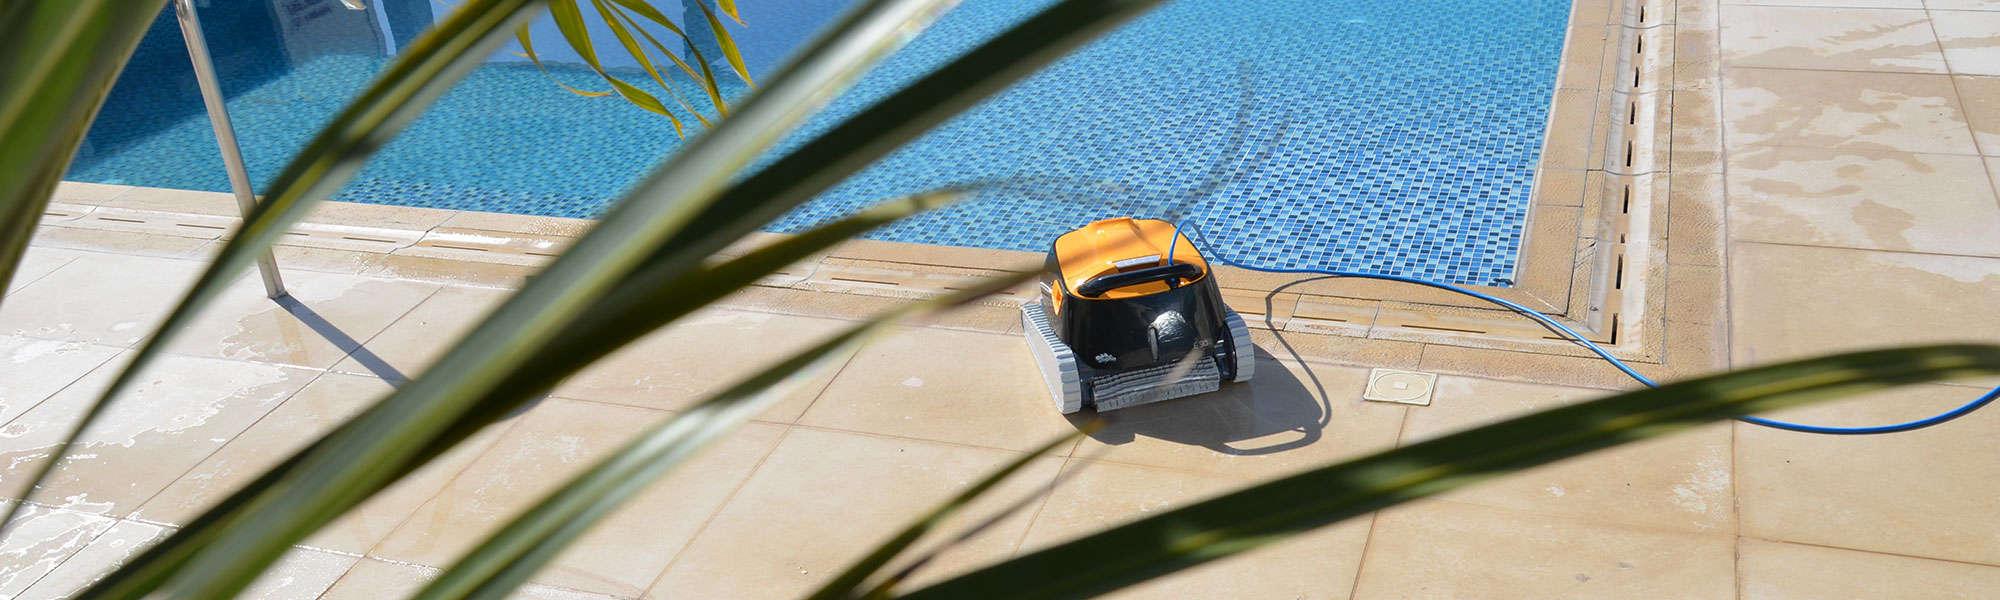 robot piscine comparatif configurateur